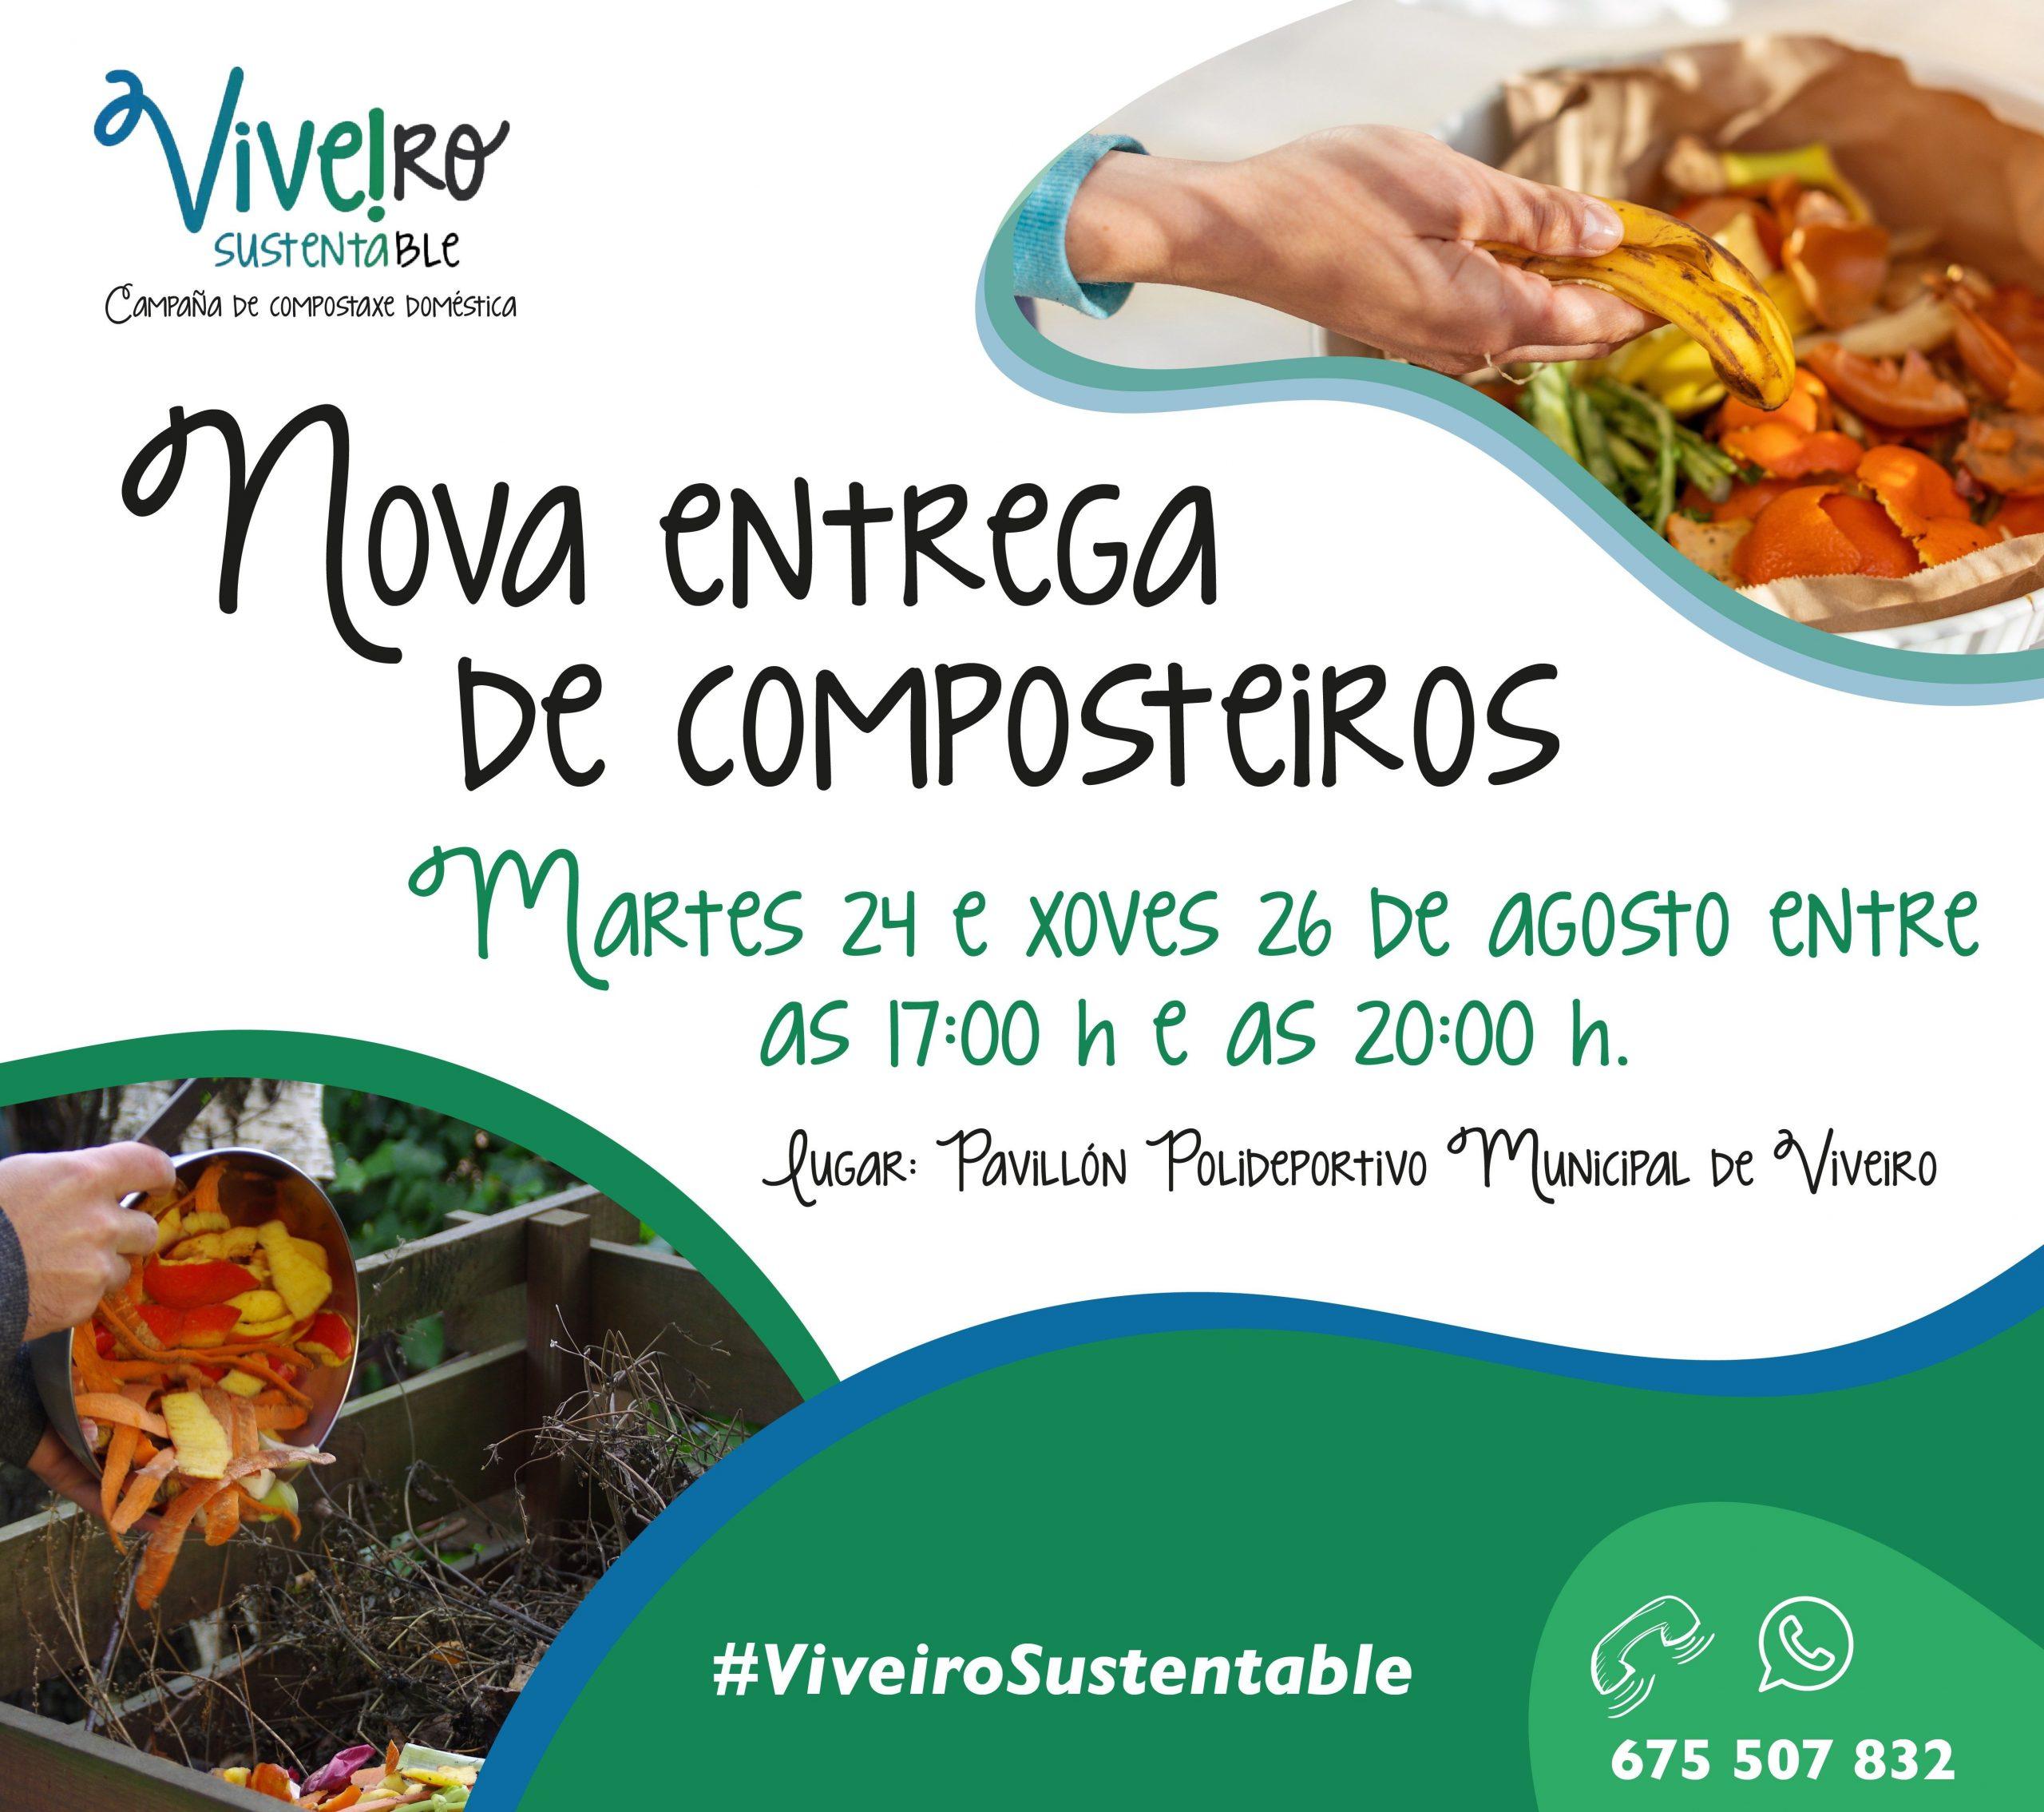 O concello impulsa a compostaxe no municipio e busca chegar ás 300 familias adheridas ao programa Viveiro Sustentable